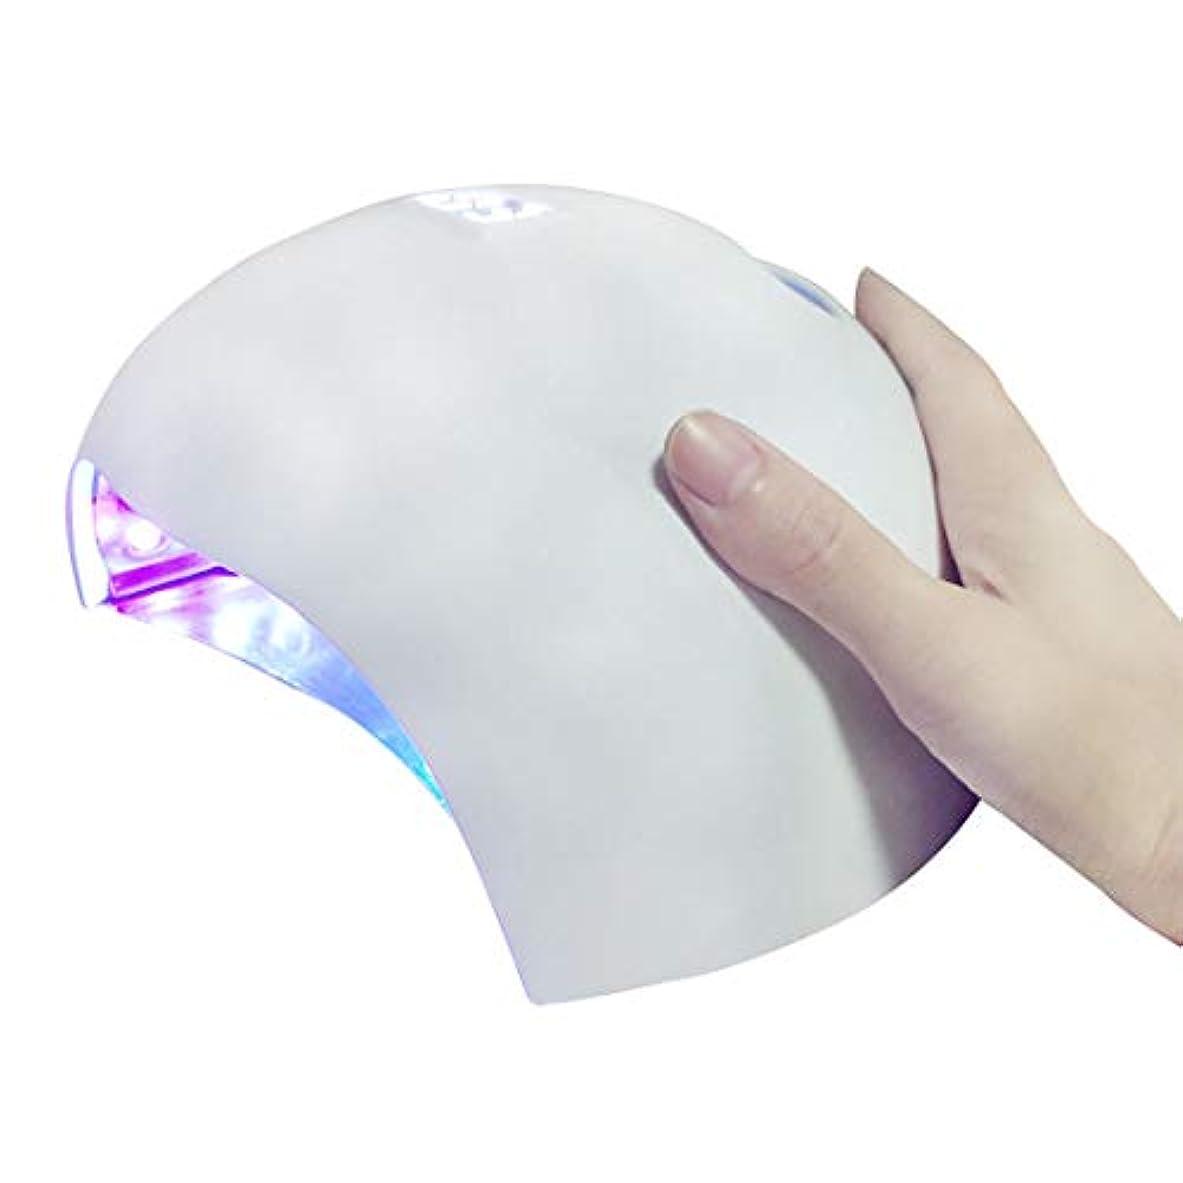 エピソードライター今日シェラックおよびゲルの釘のための専門の紫外線およびLEDの釘ランプそして釘のドライヤーの表示